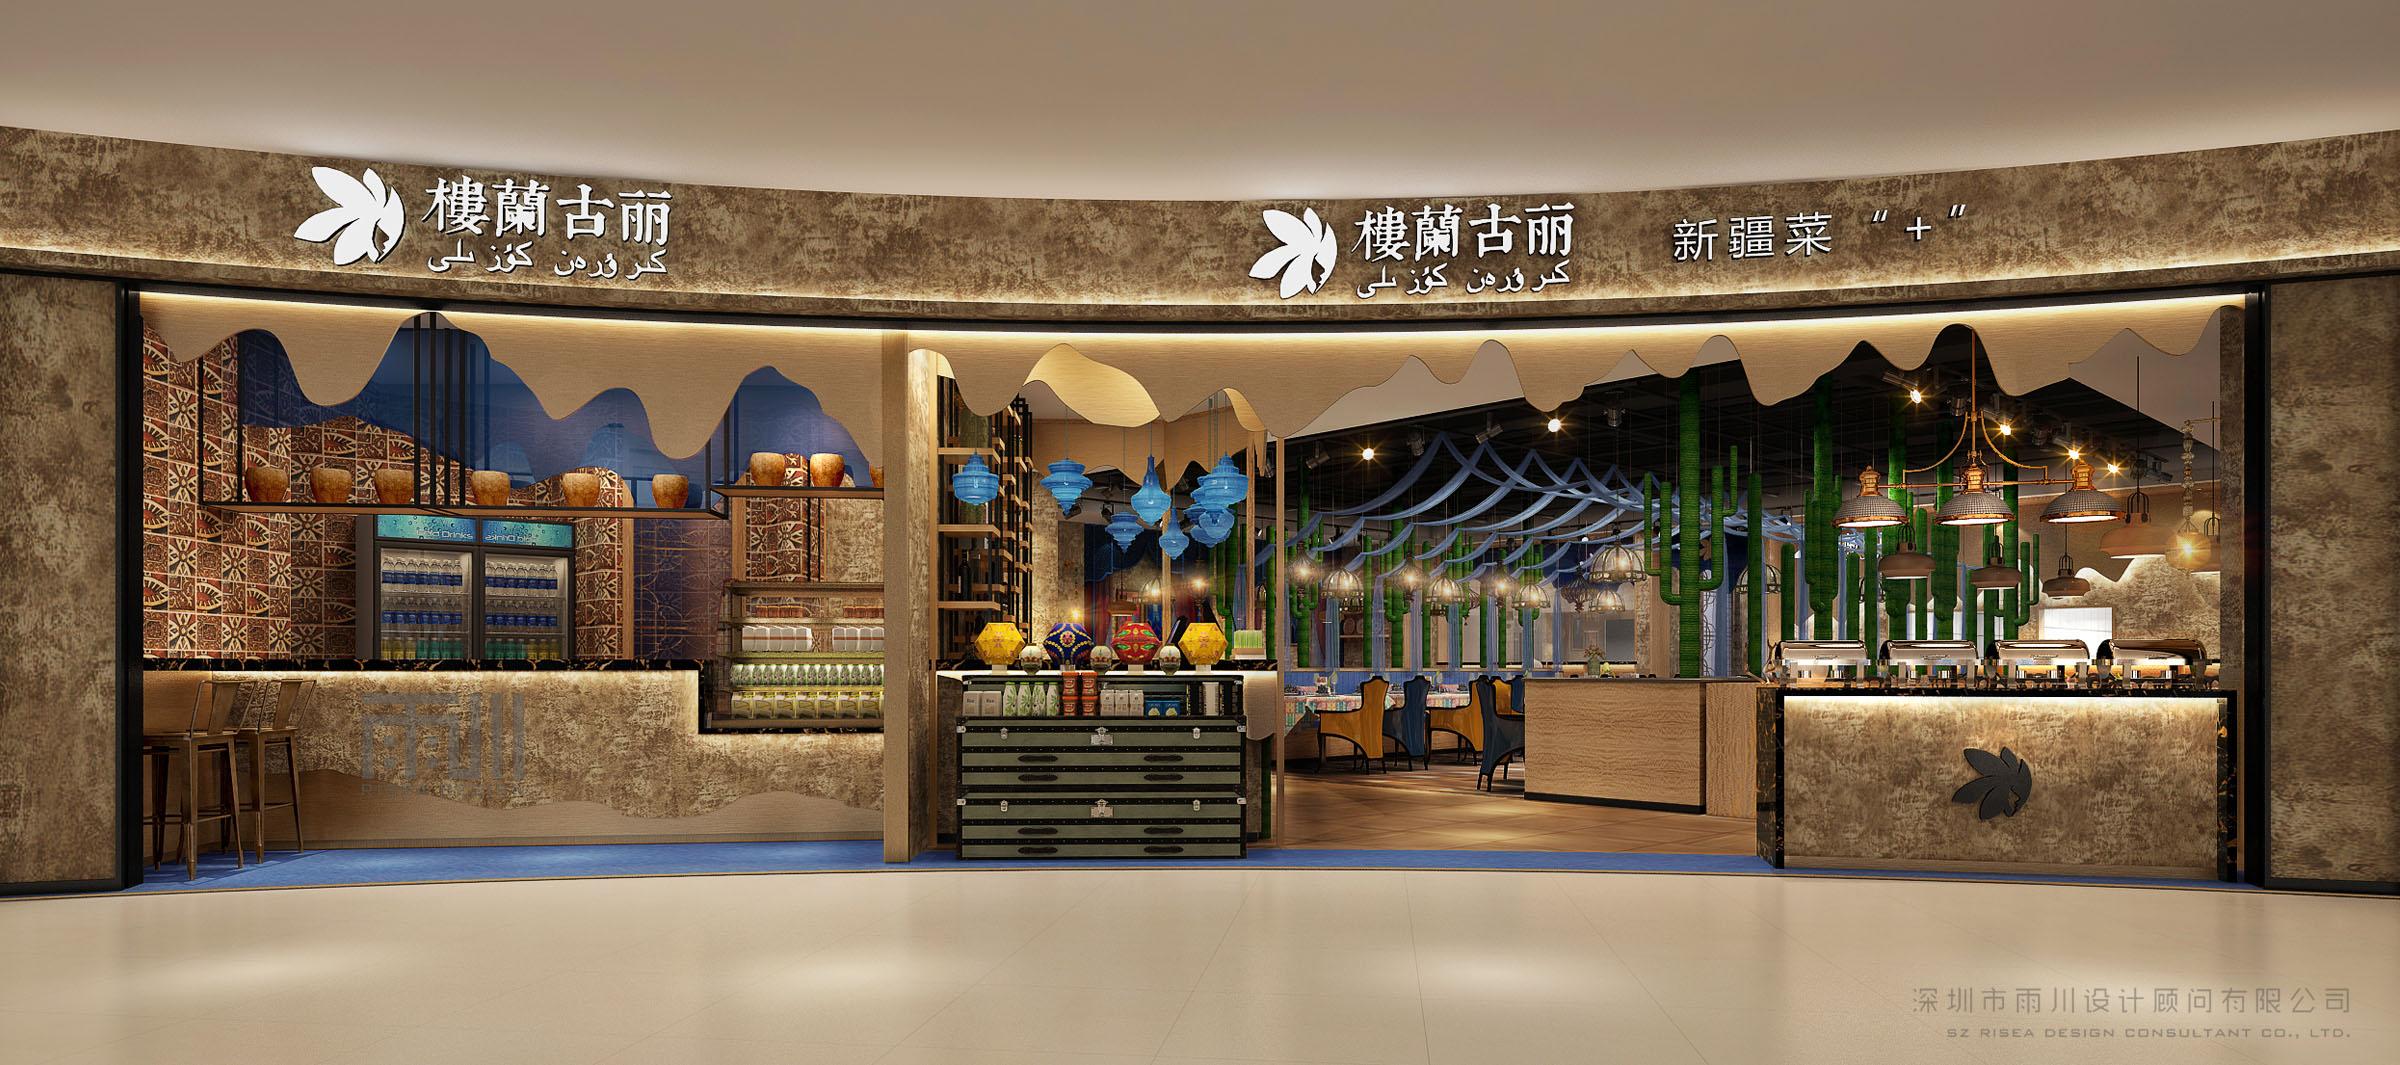 樓蘭古麗(悅薈廣場店)餐(can)廳設計效果圖